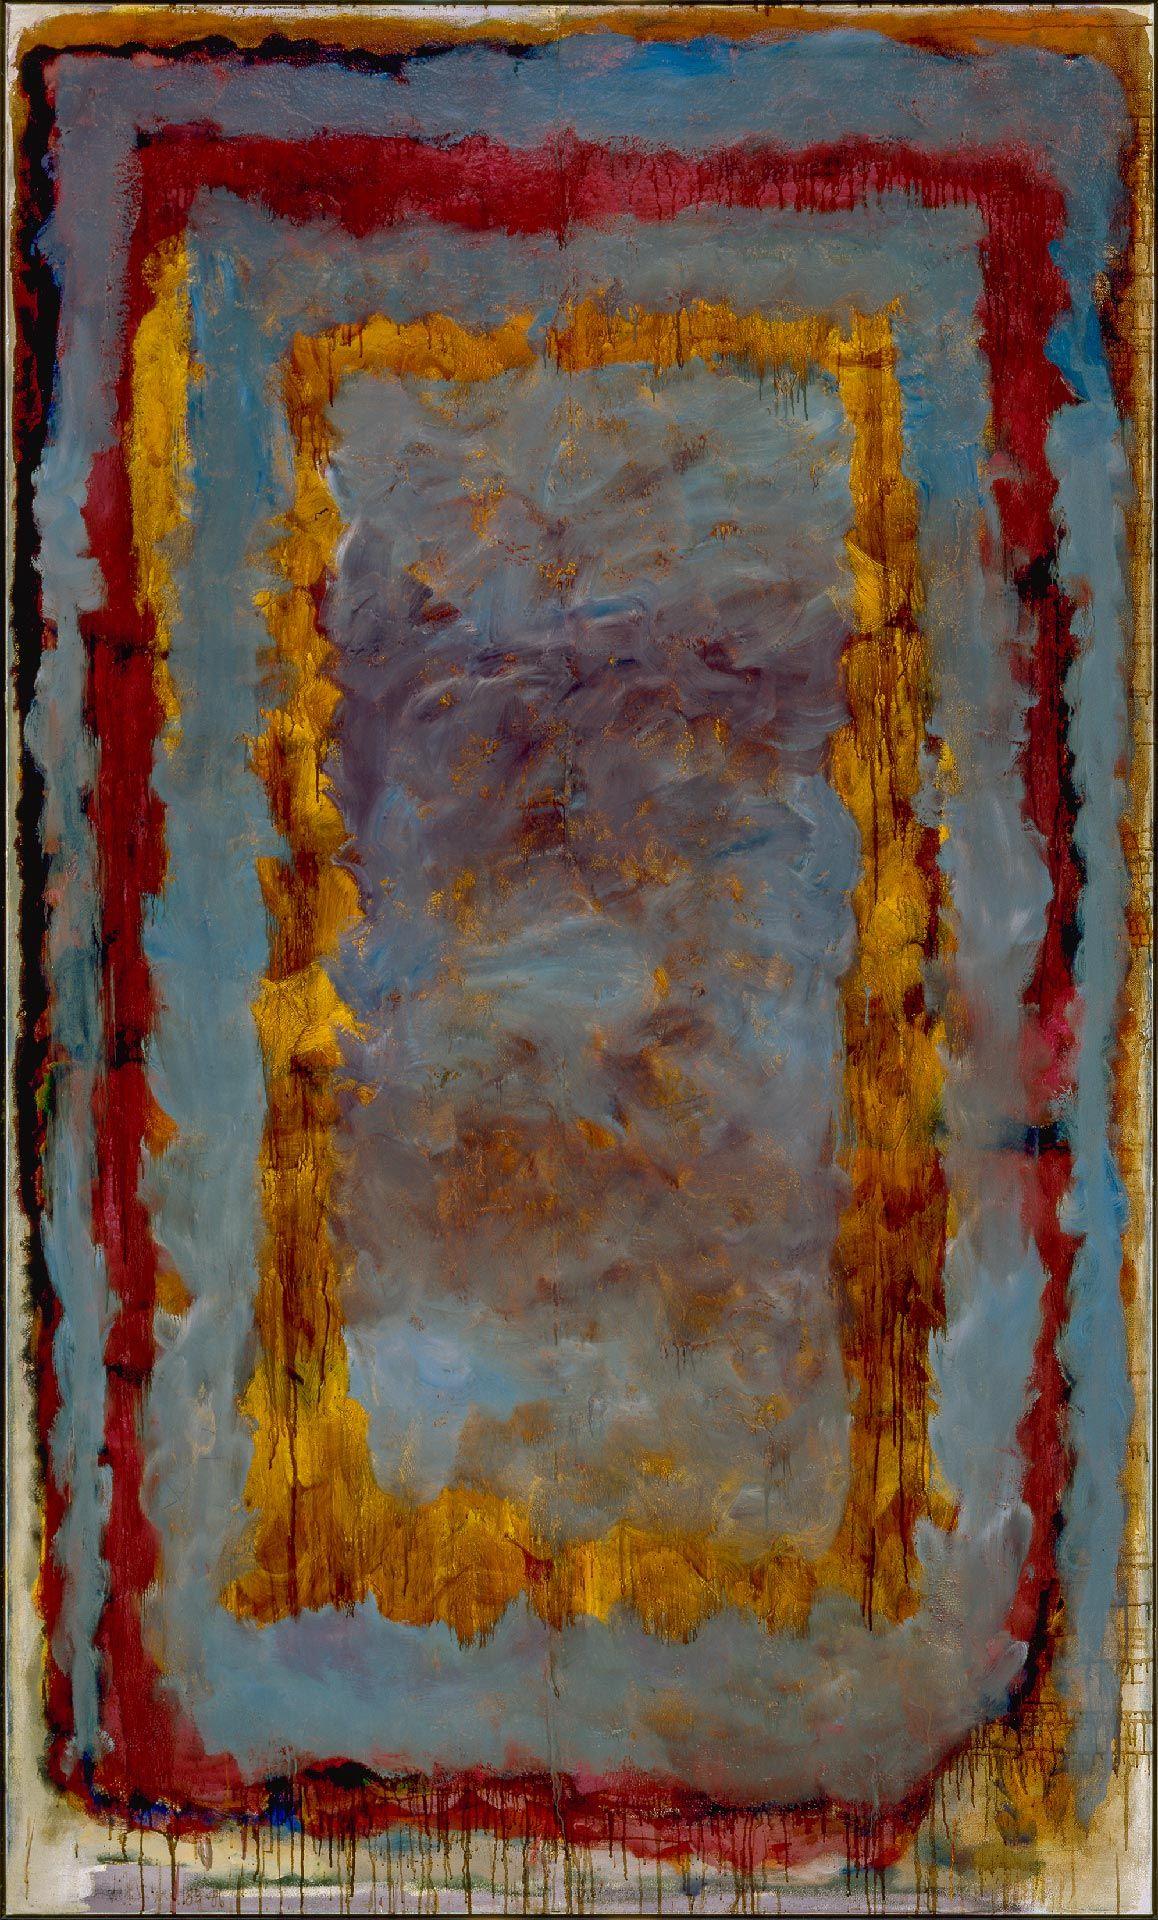 Jean McEwen (1923-1999), Élégie criblée de bleu no 5, 1986, huile et vernis sur toile. MBAM, don à la mémoire de Jean-François Houle, de la part de François R. Roy. © Succession Jean McEwen / SOCAN (2019). Photo MBAM.